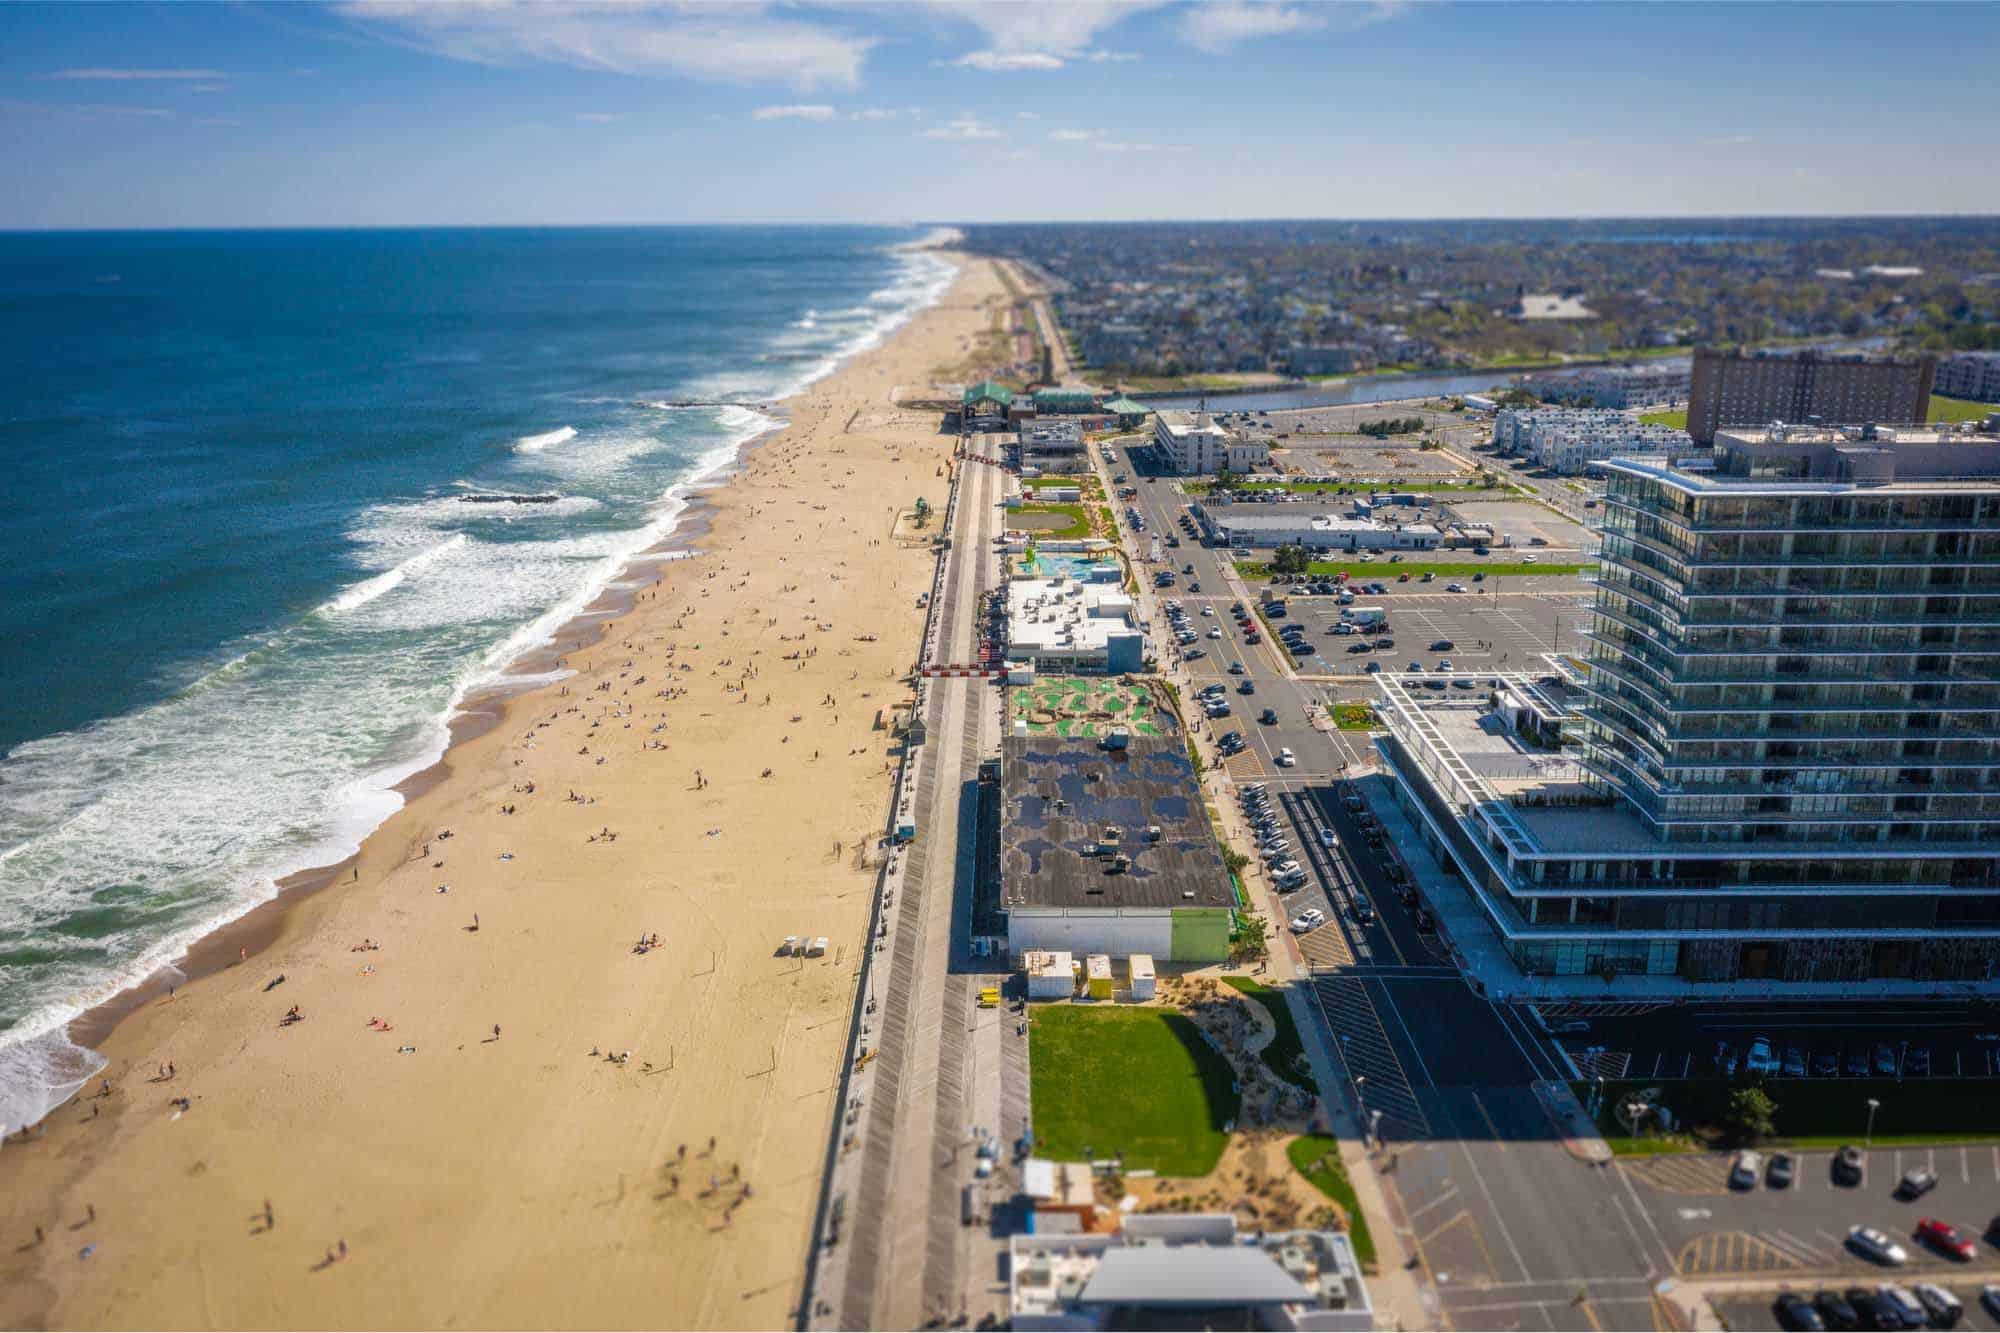 Aerial photo of Asbury Park beach